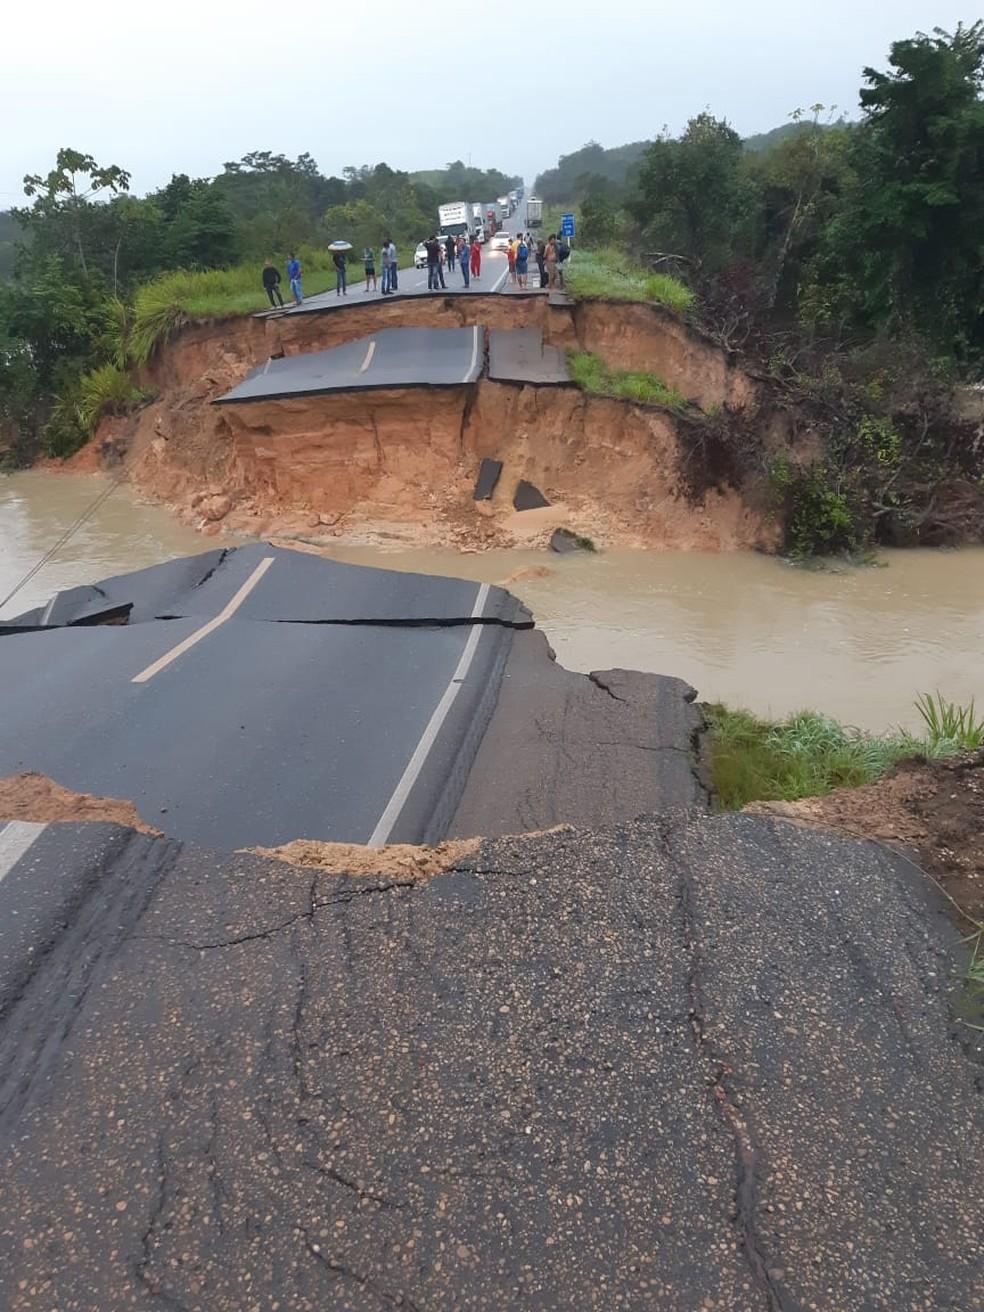 BR-010 rompe após chuvas em Ipixuna do Pará. — Foto: Ascom PRF